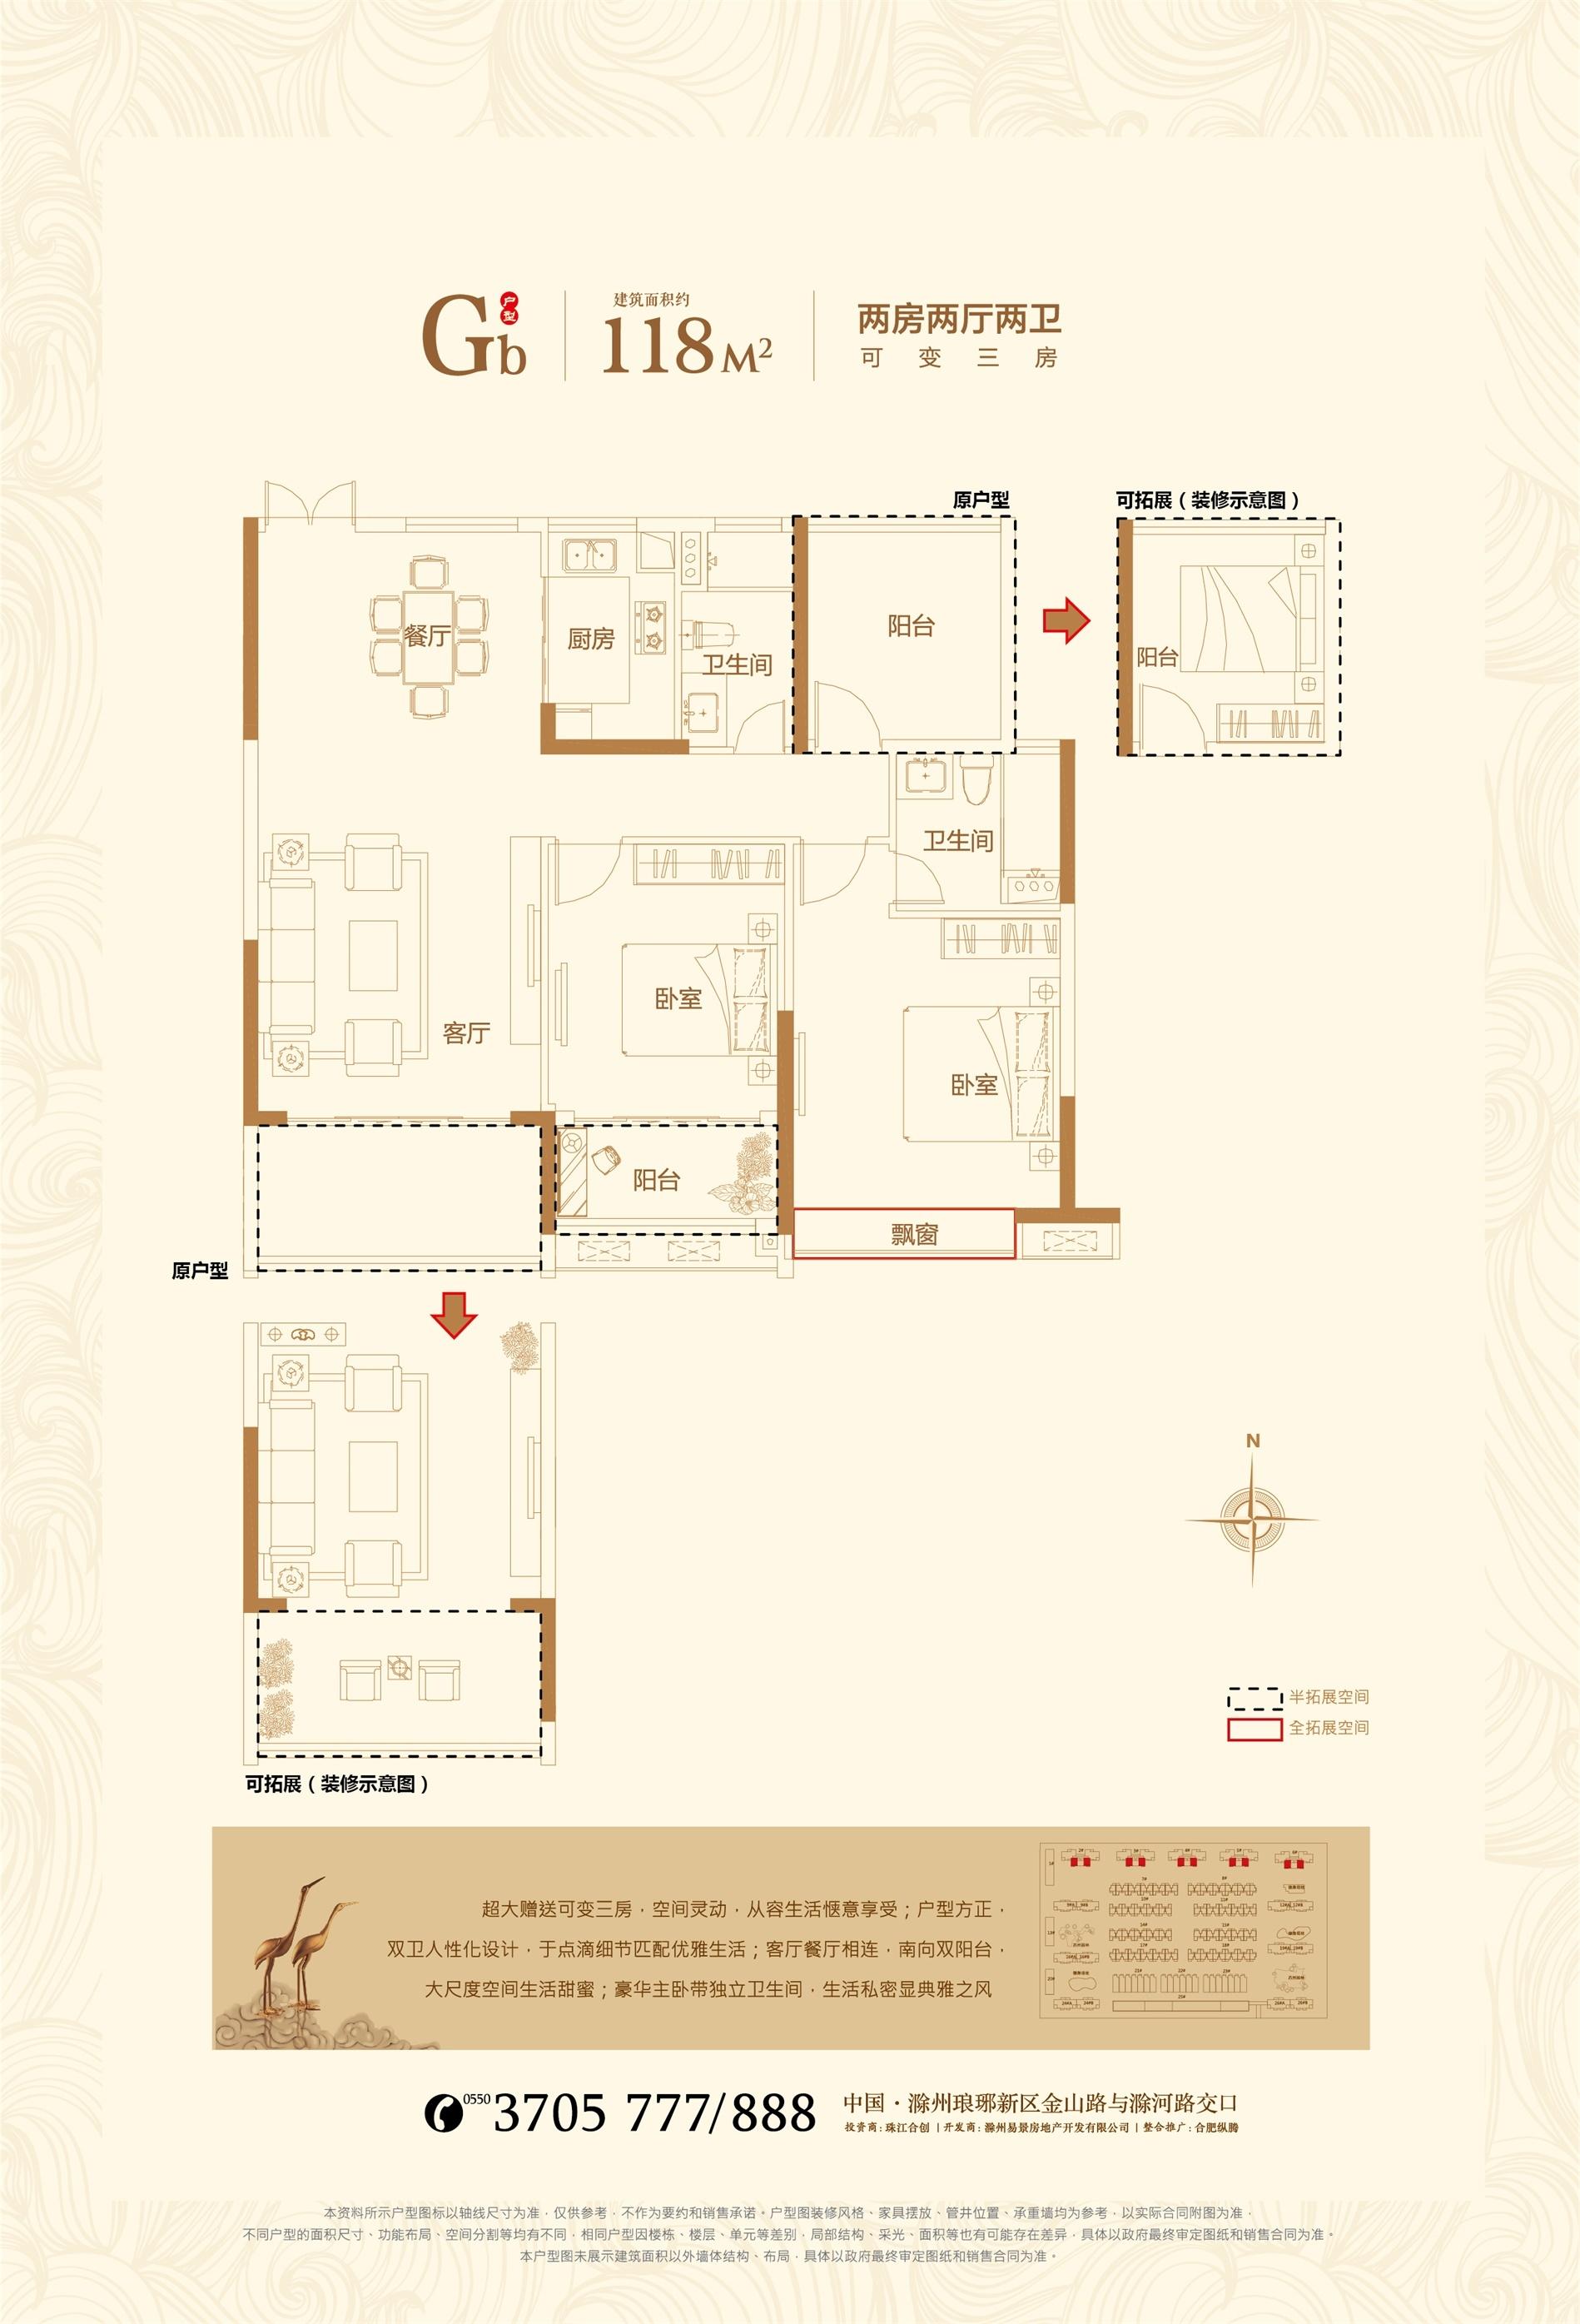 珠江和院 高层Gb户型 建筑面积约118平方